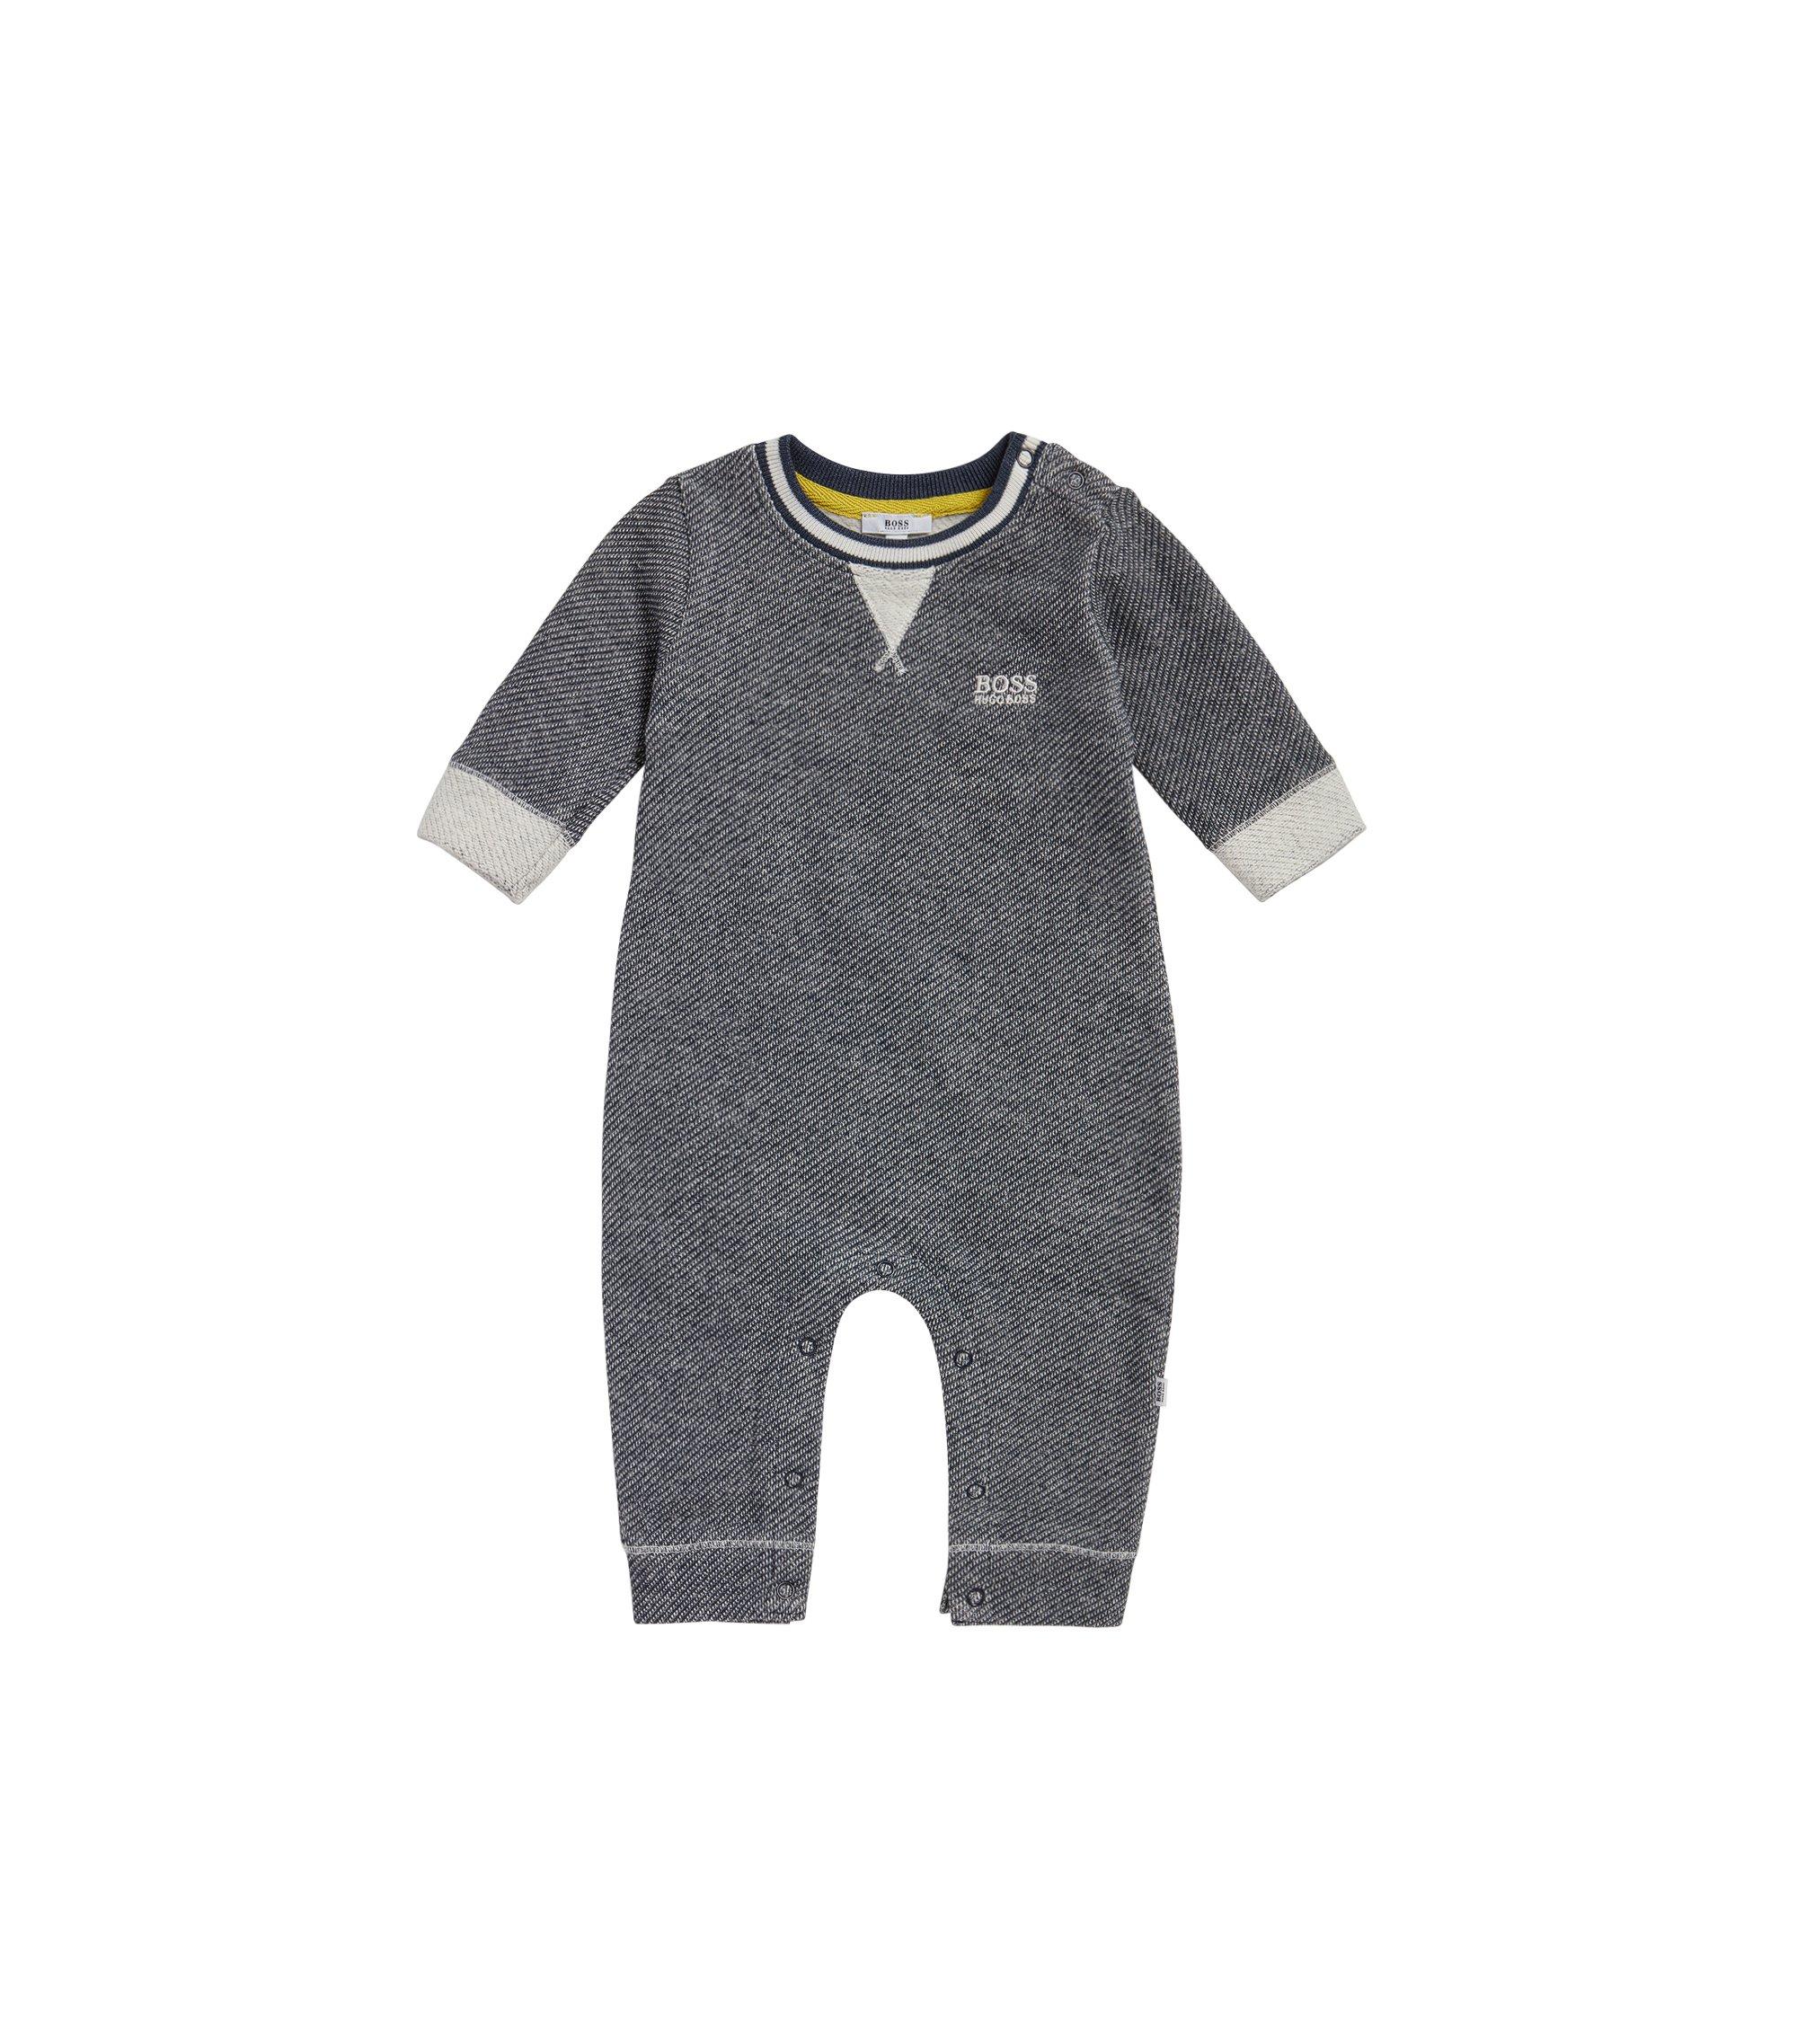 Baby-Strampler aus Baumwolle mit Webstruktur: 'J94170', Dunkelblau